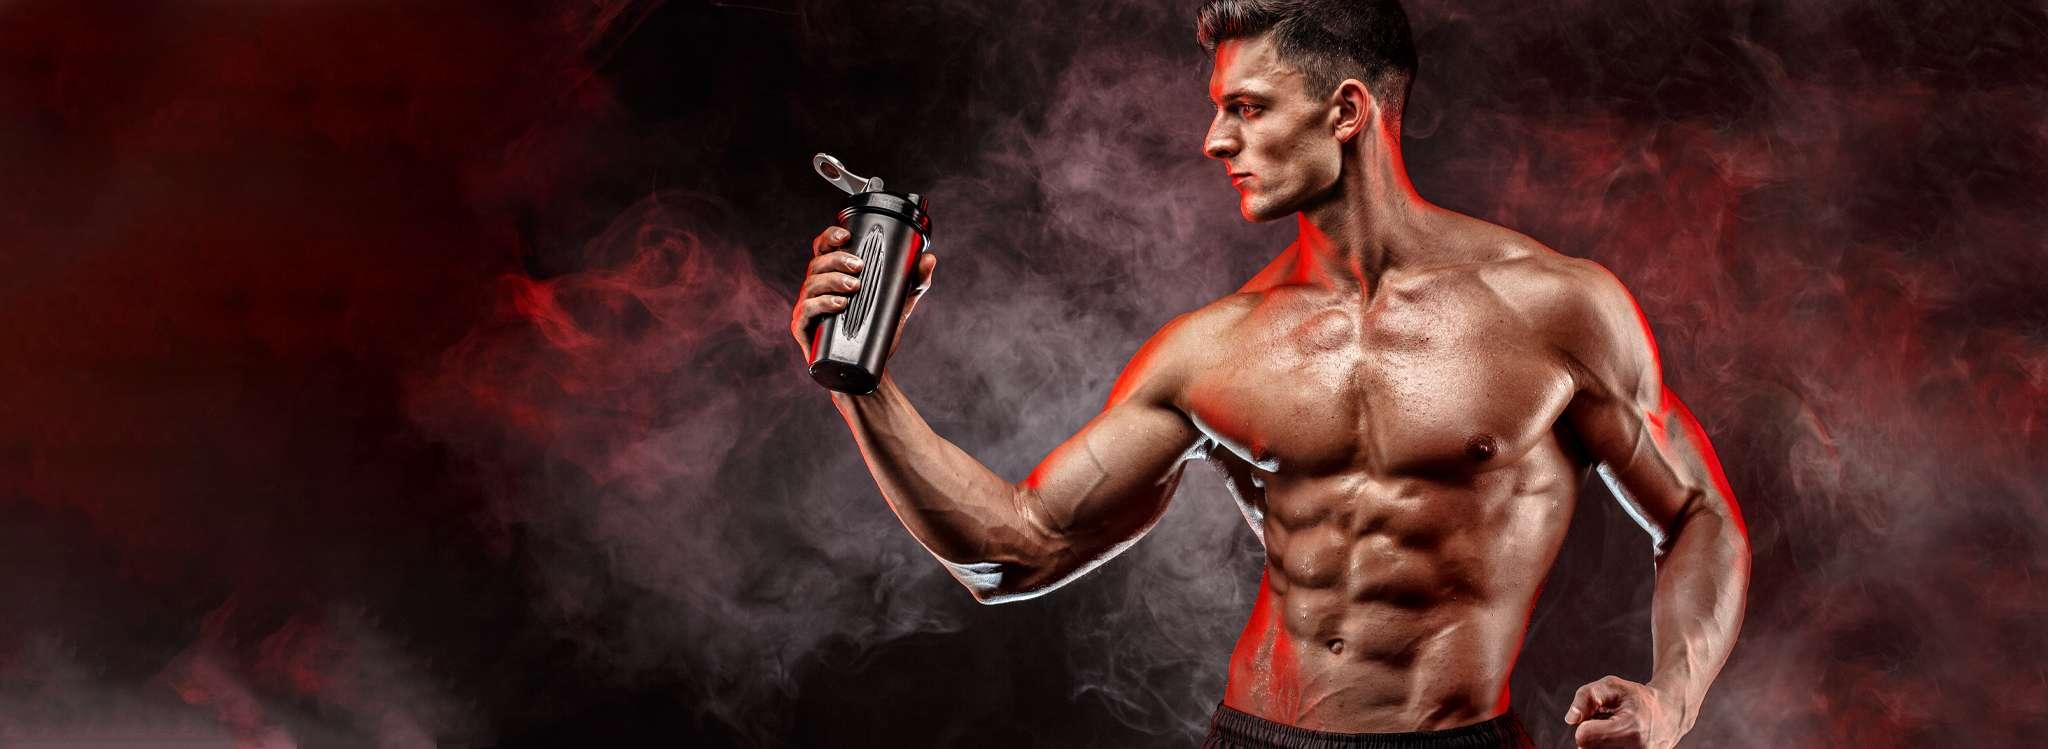 Bổ sung Whey Protein có hại không ? 4